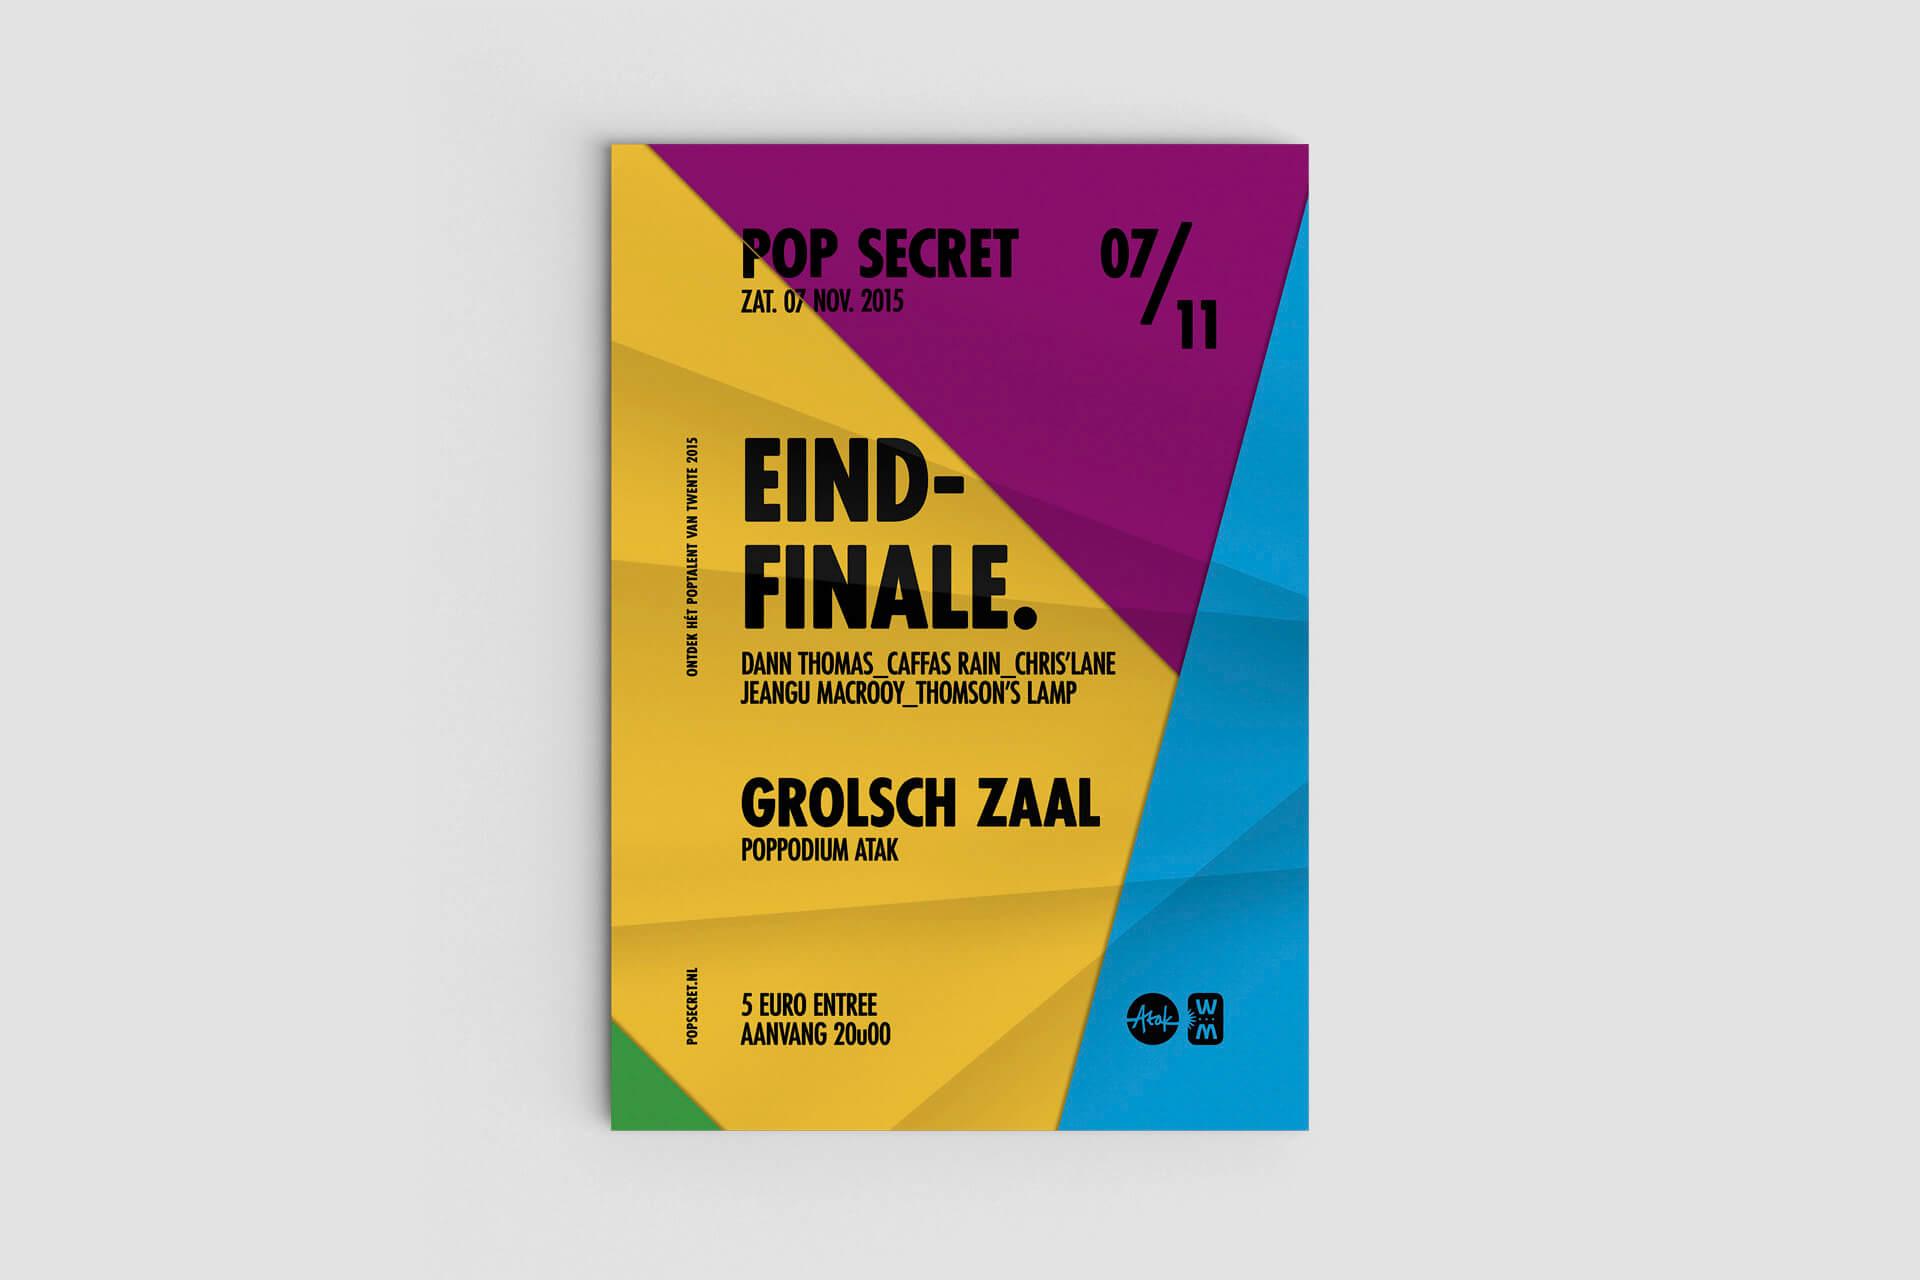 popsecret-finale